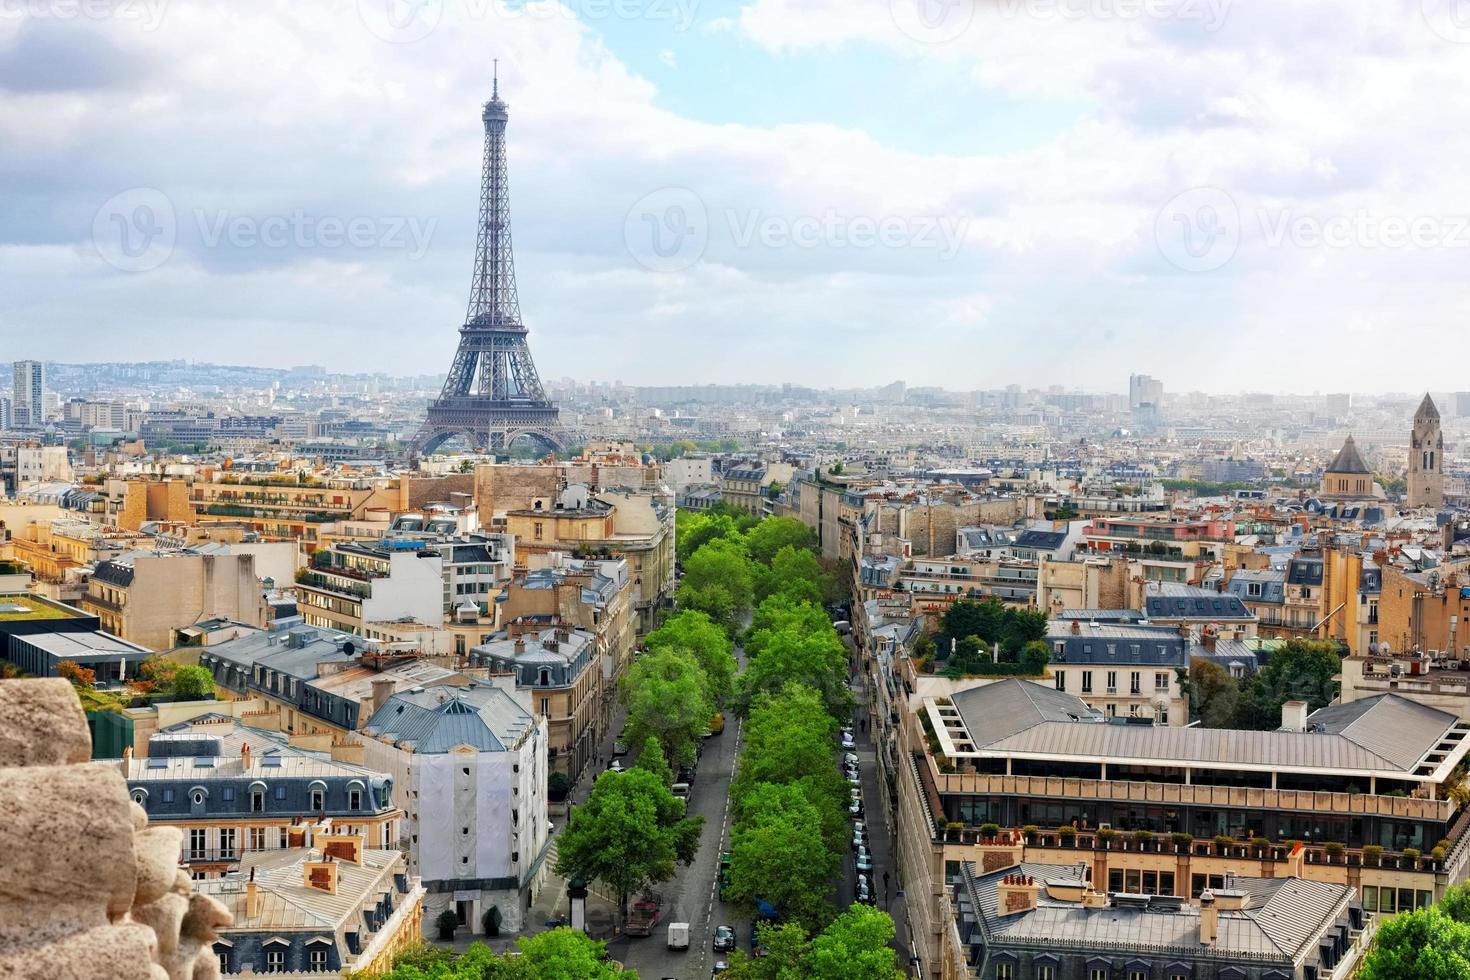 vue de paris depuis l'arc de triomphe. .Paris. France. photo